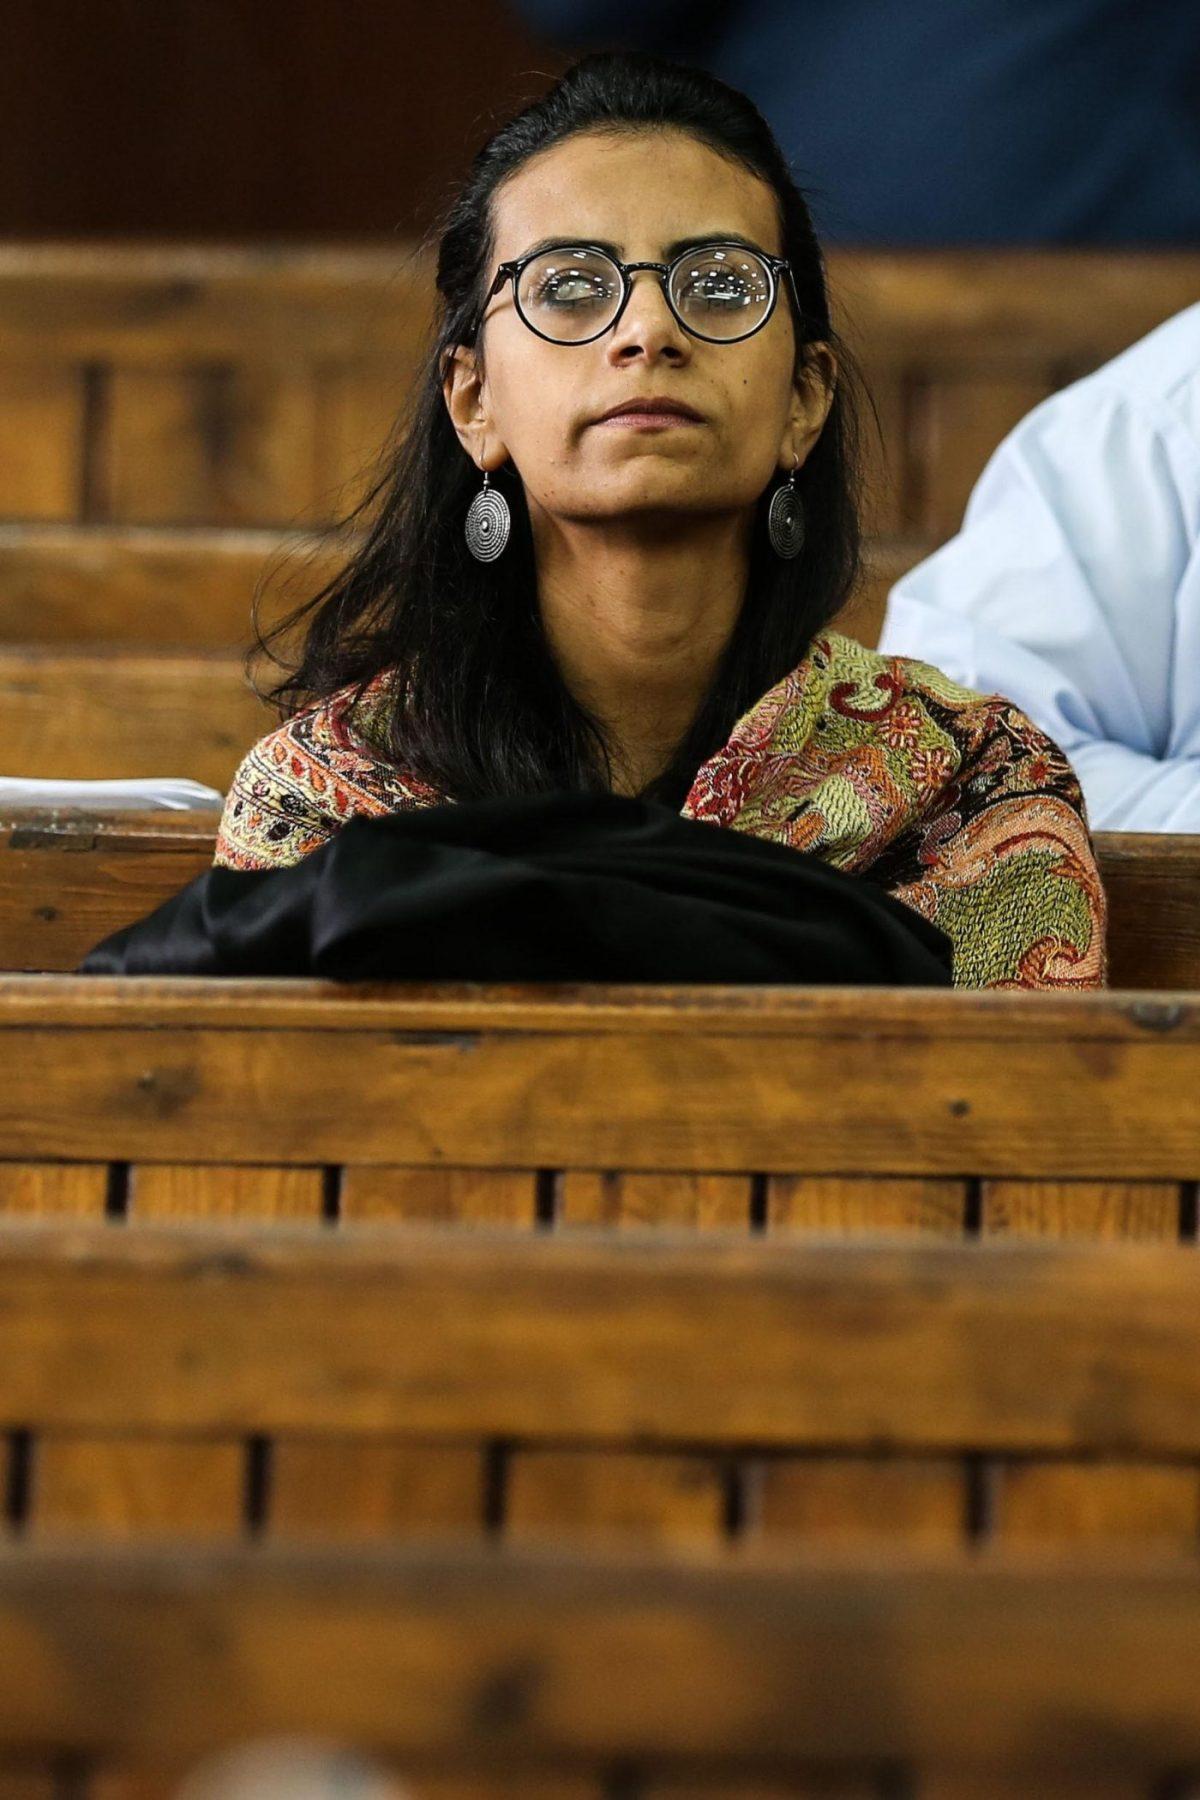 مصر: احتجاز الناشطة ماهينور المصري وآخرين ضمن حملة اعتقالات سياسية – Asia Times